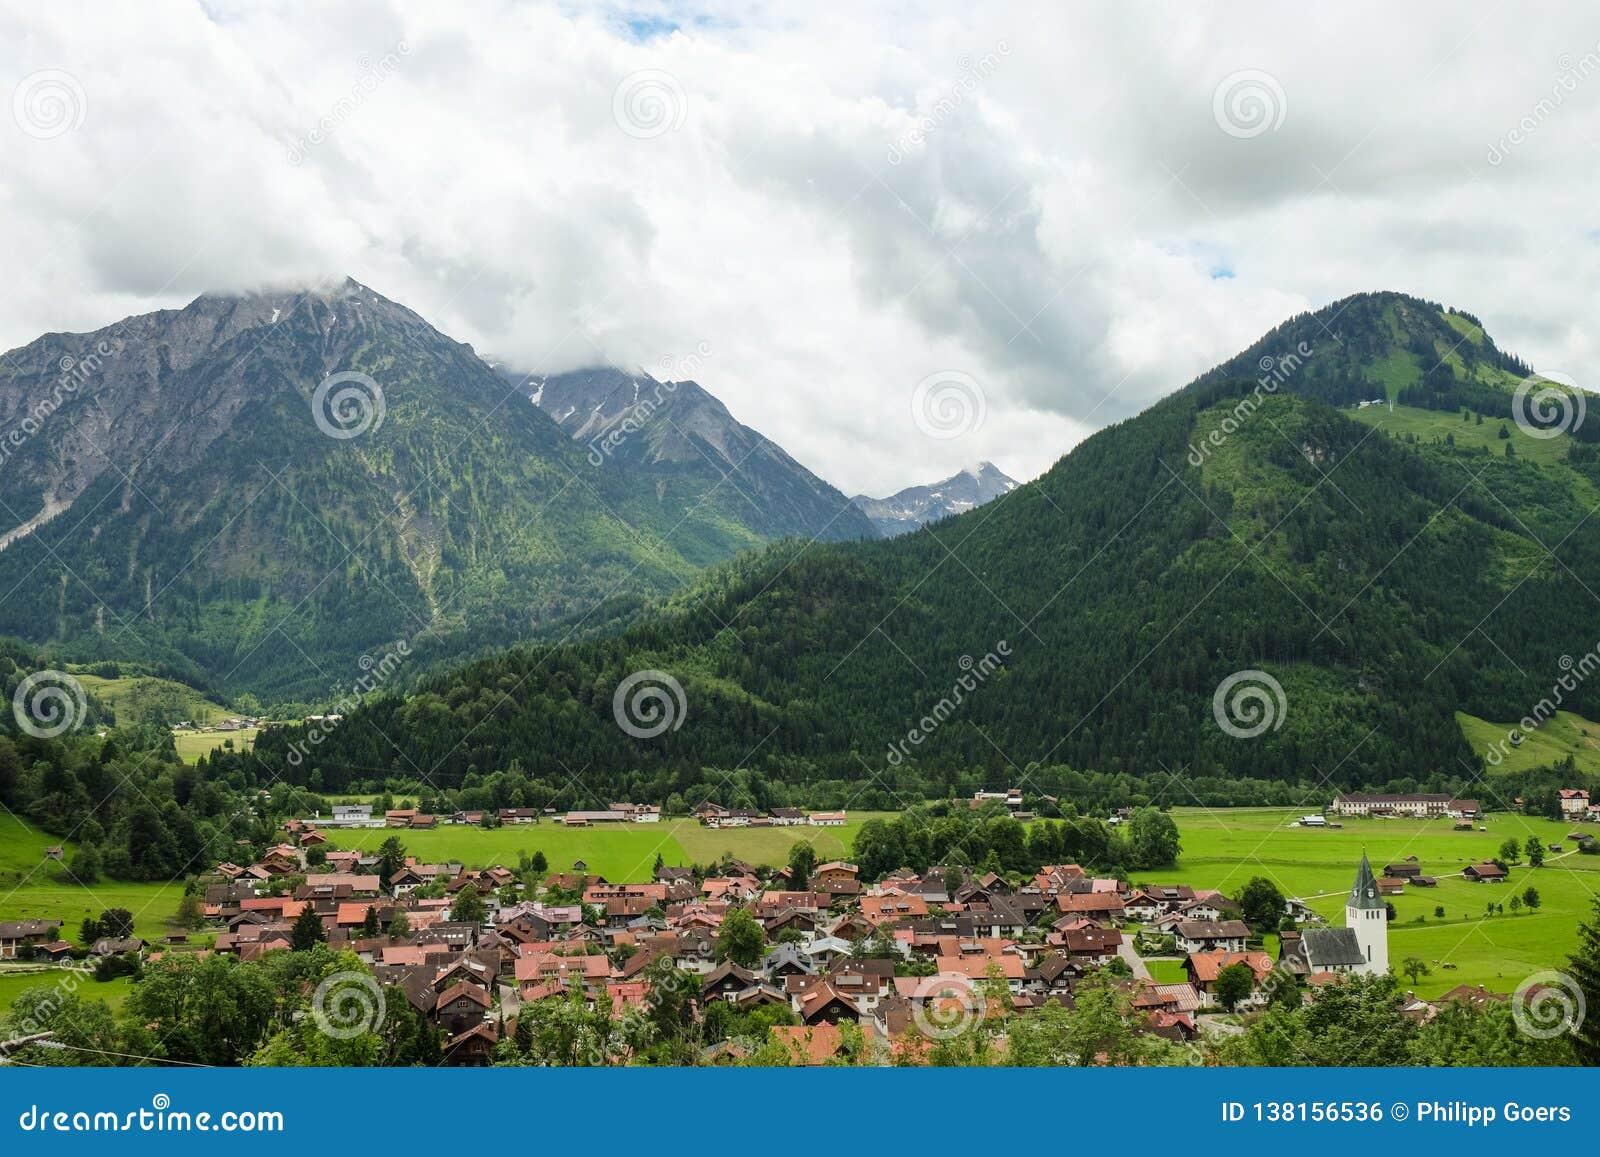 Идилличный ландшафт горы с небольшой деревней и горами на заднем плане